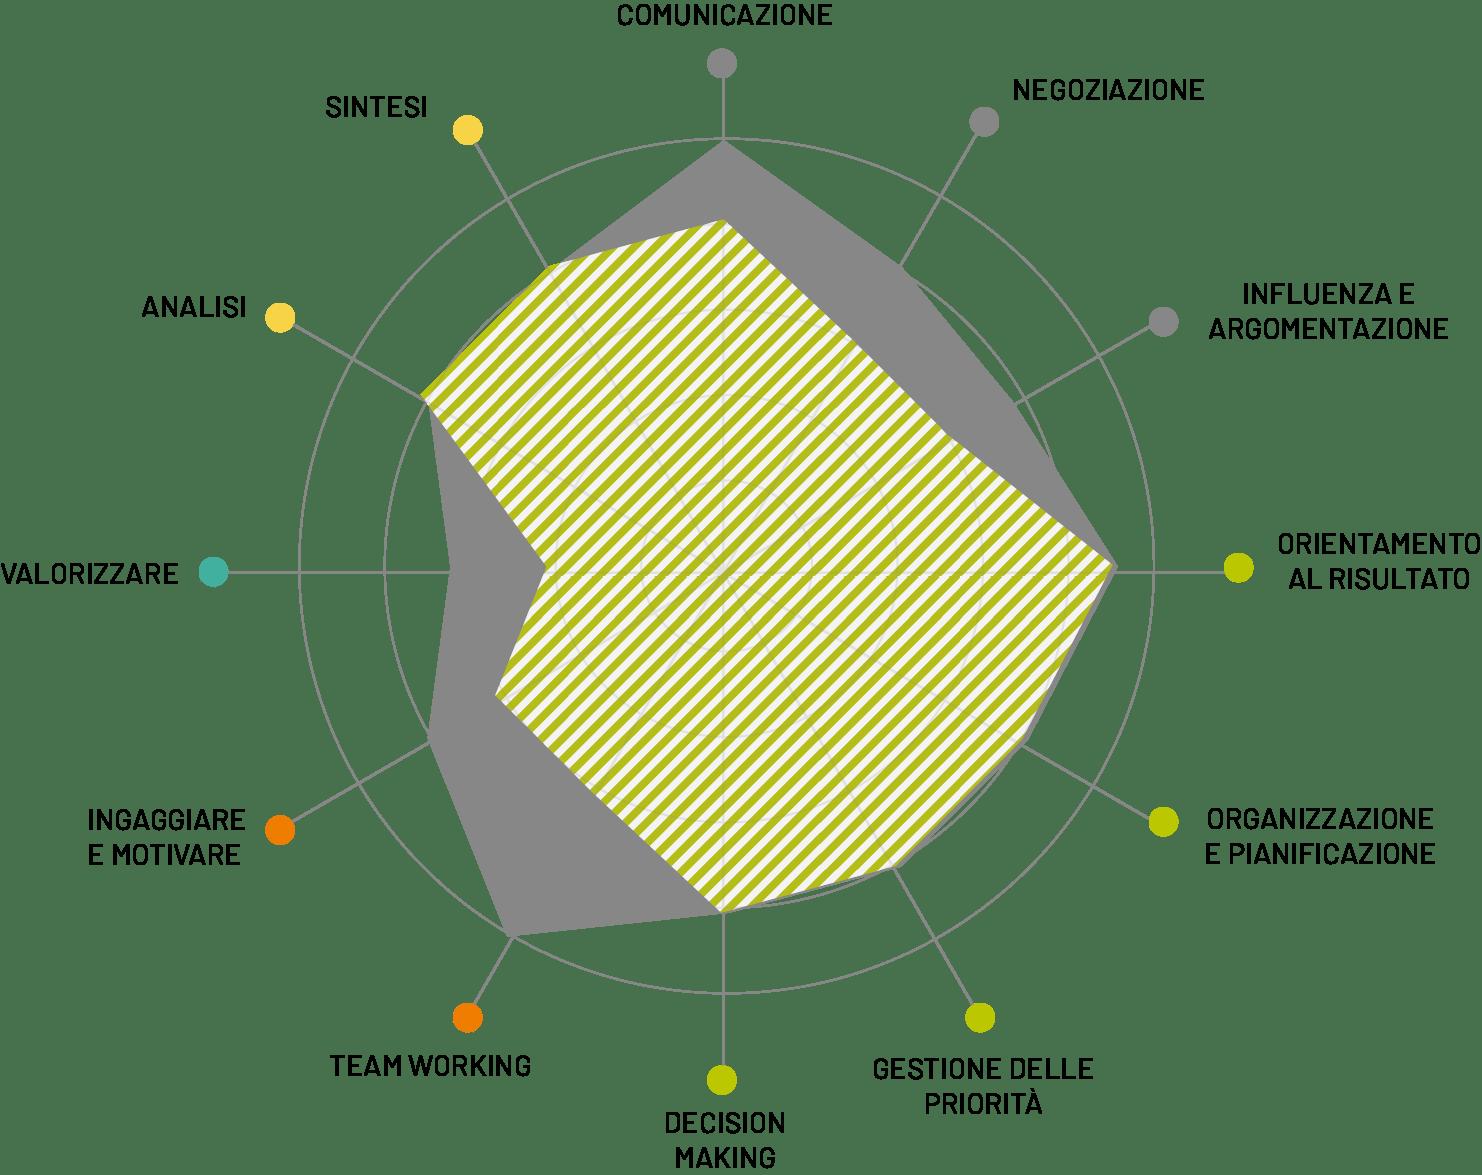 graficoconpallini